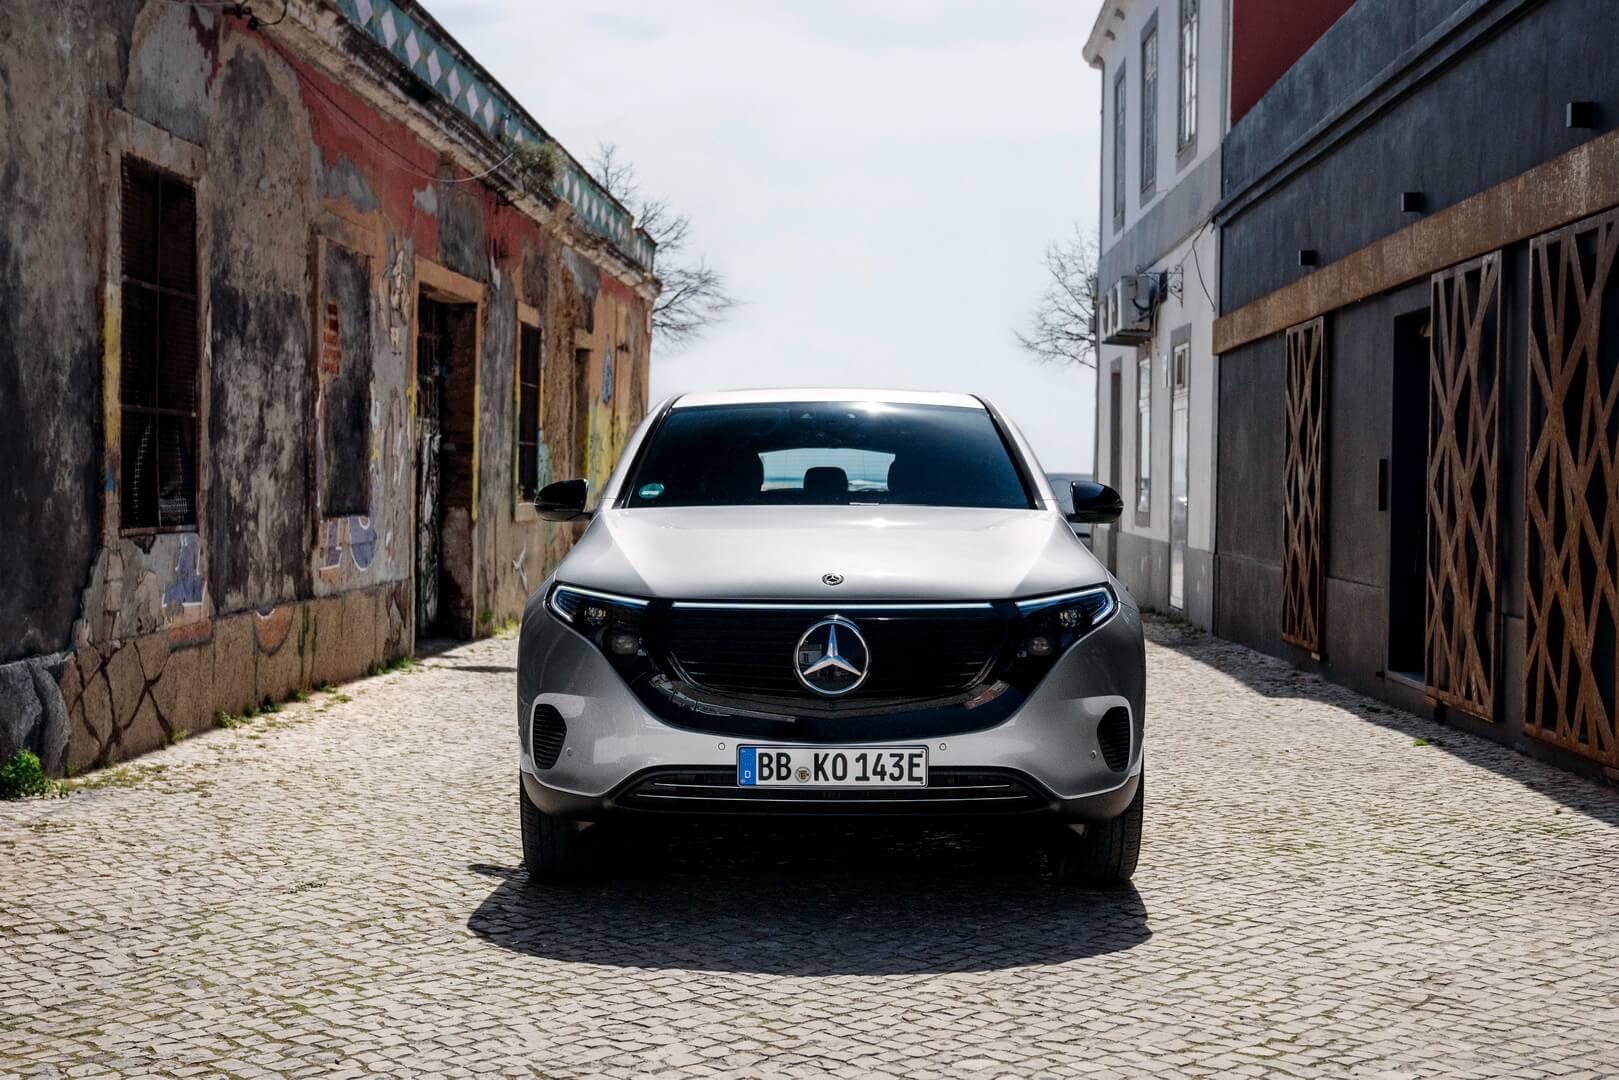 Mercedes-Benz представила особую версию электрического кроссовера EQC Edition1886